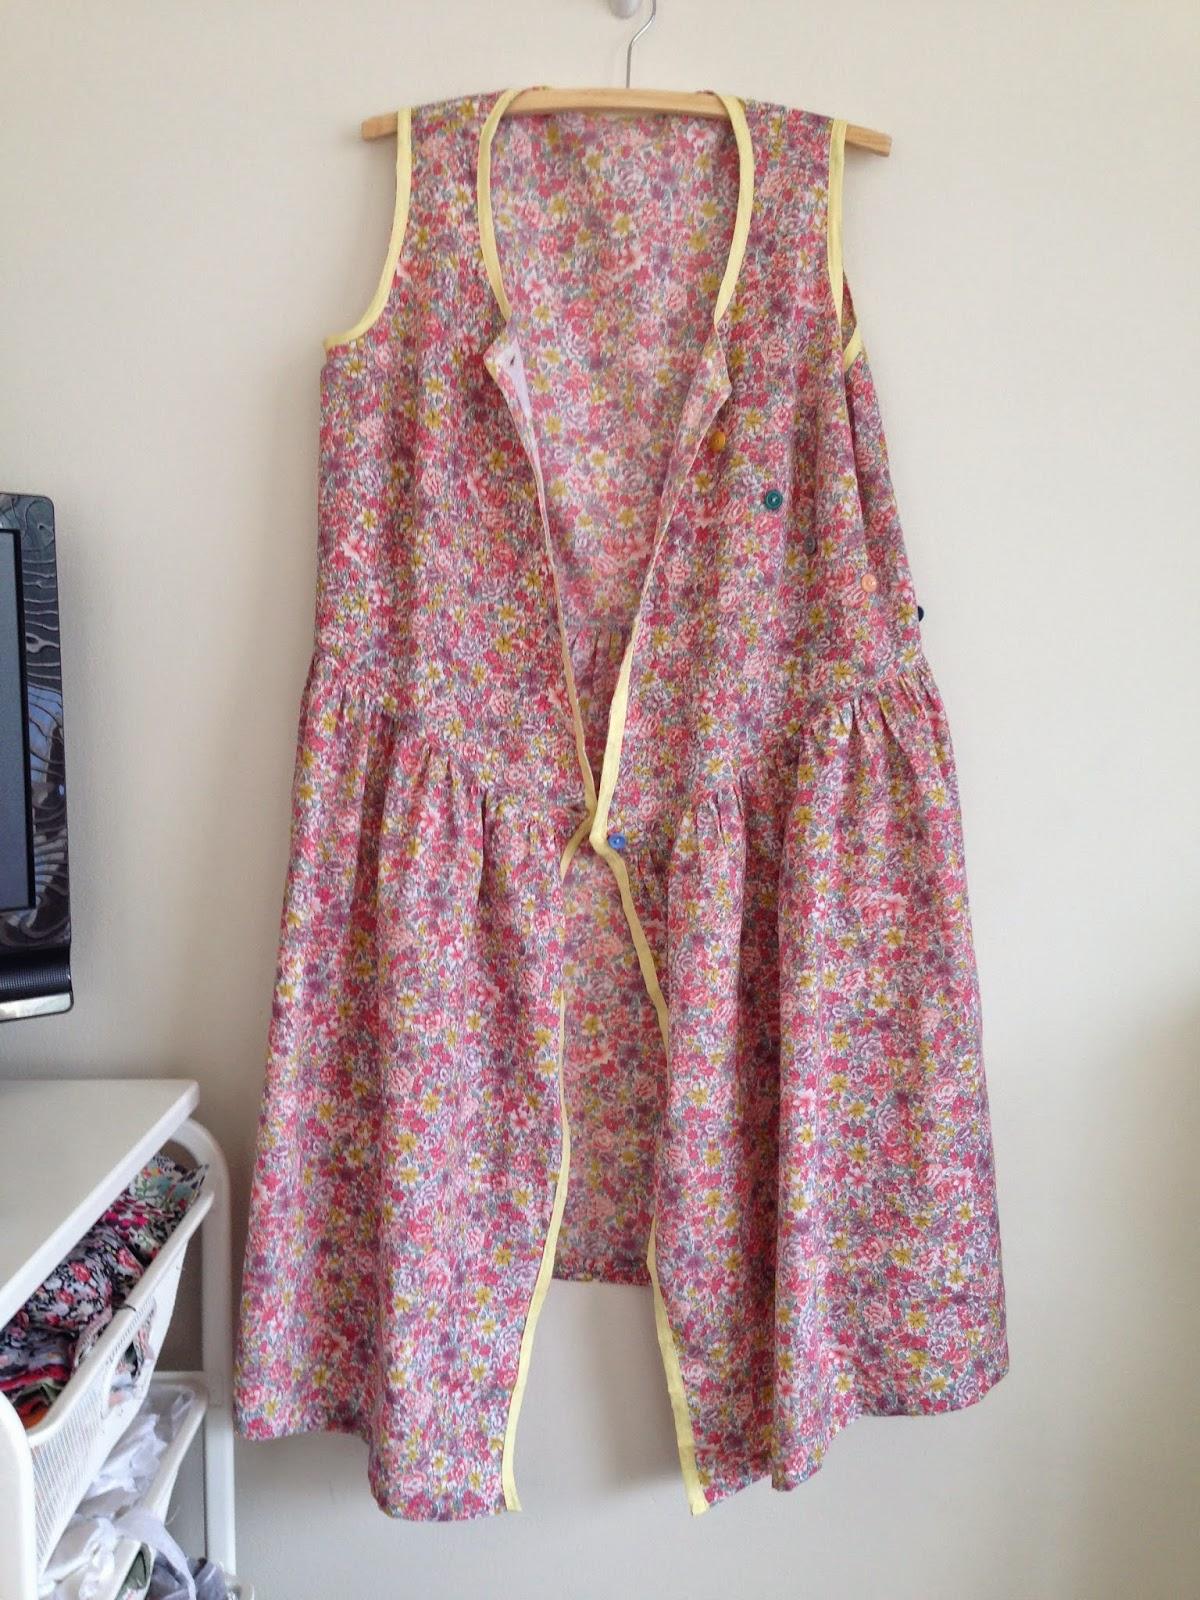 Sewn By Elizabeth: Sew Cheap April Free Pattern Review ...